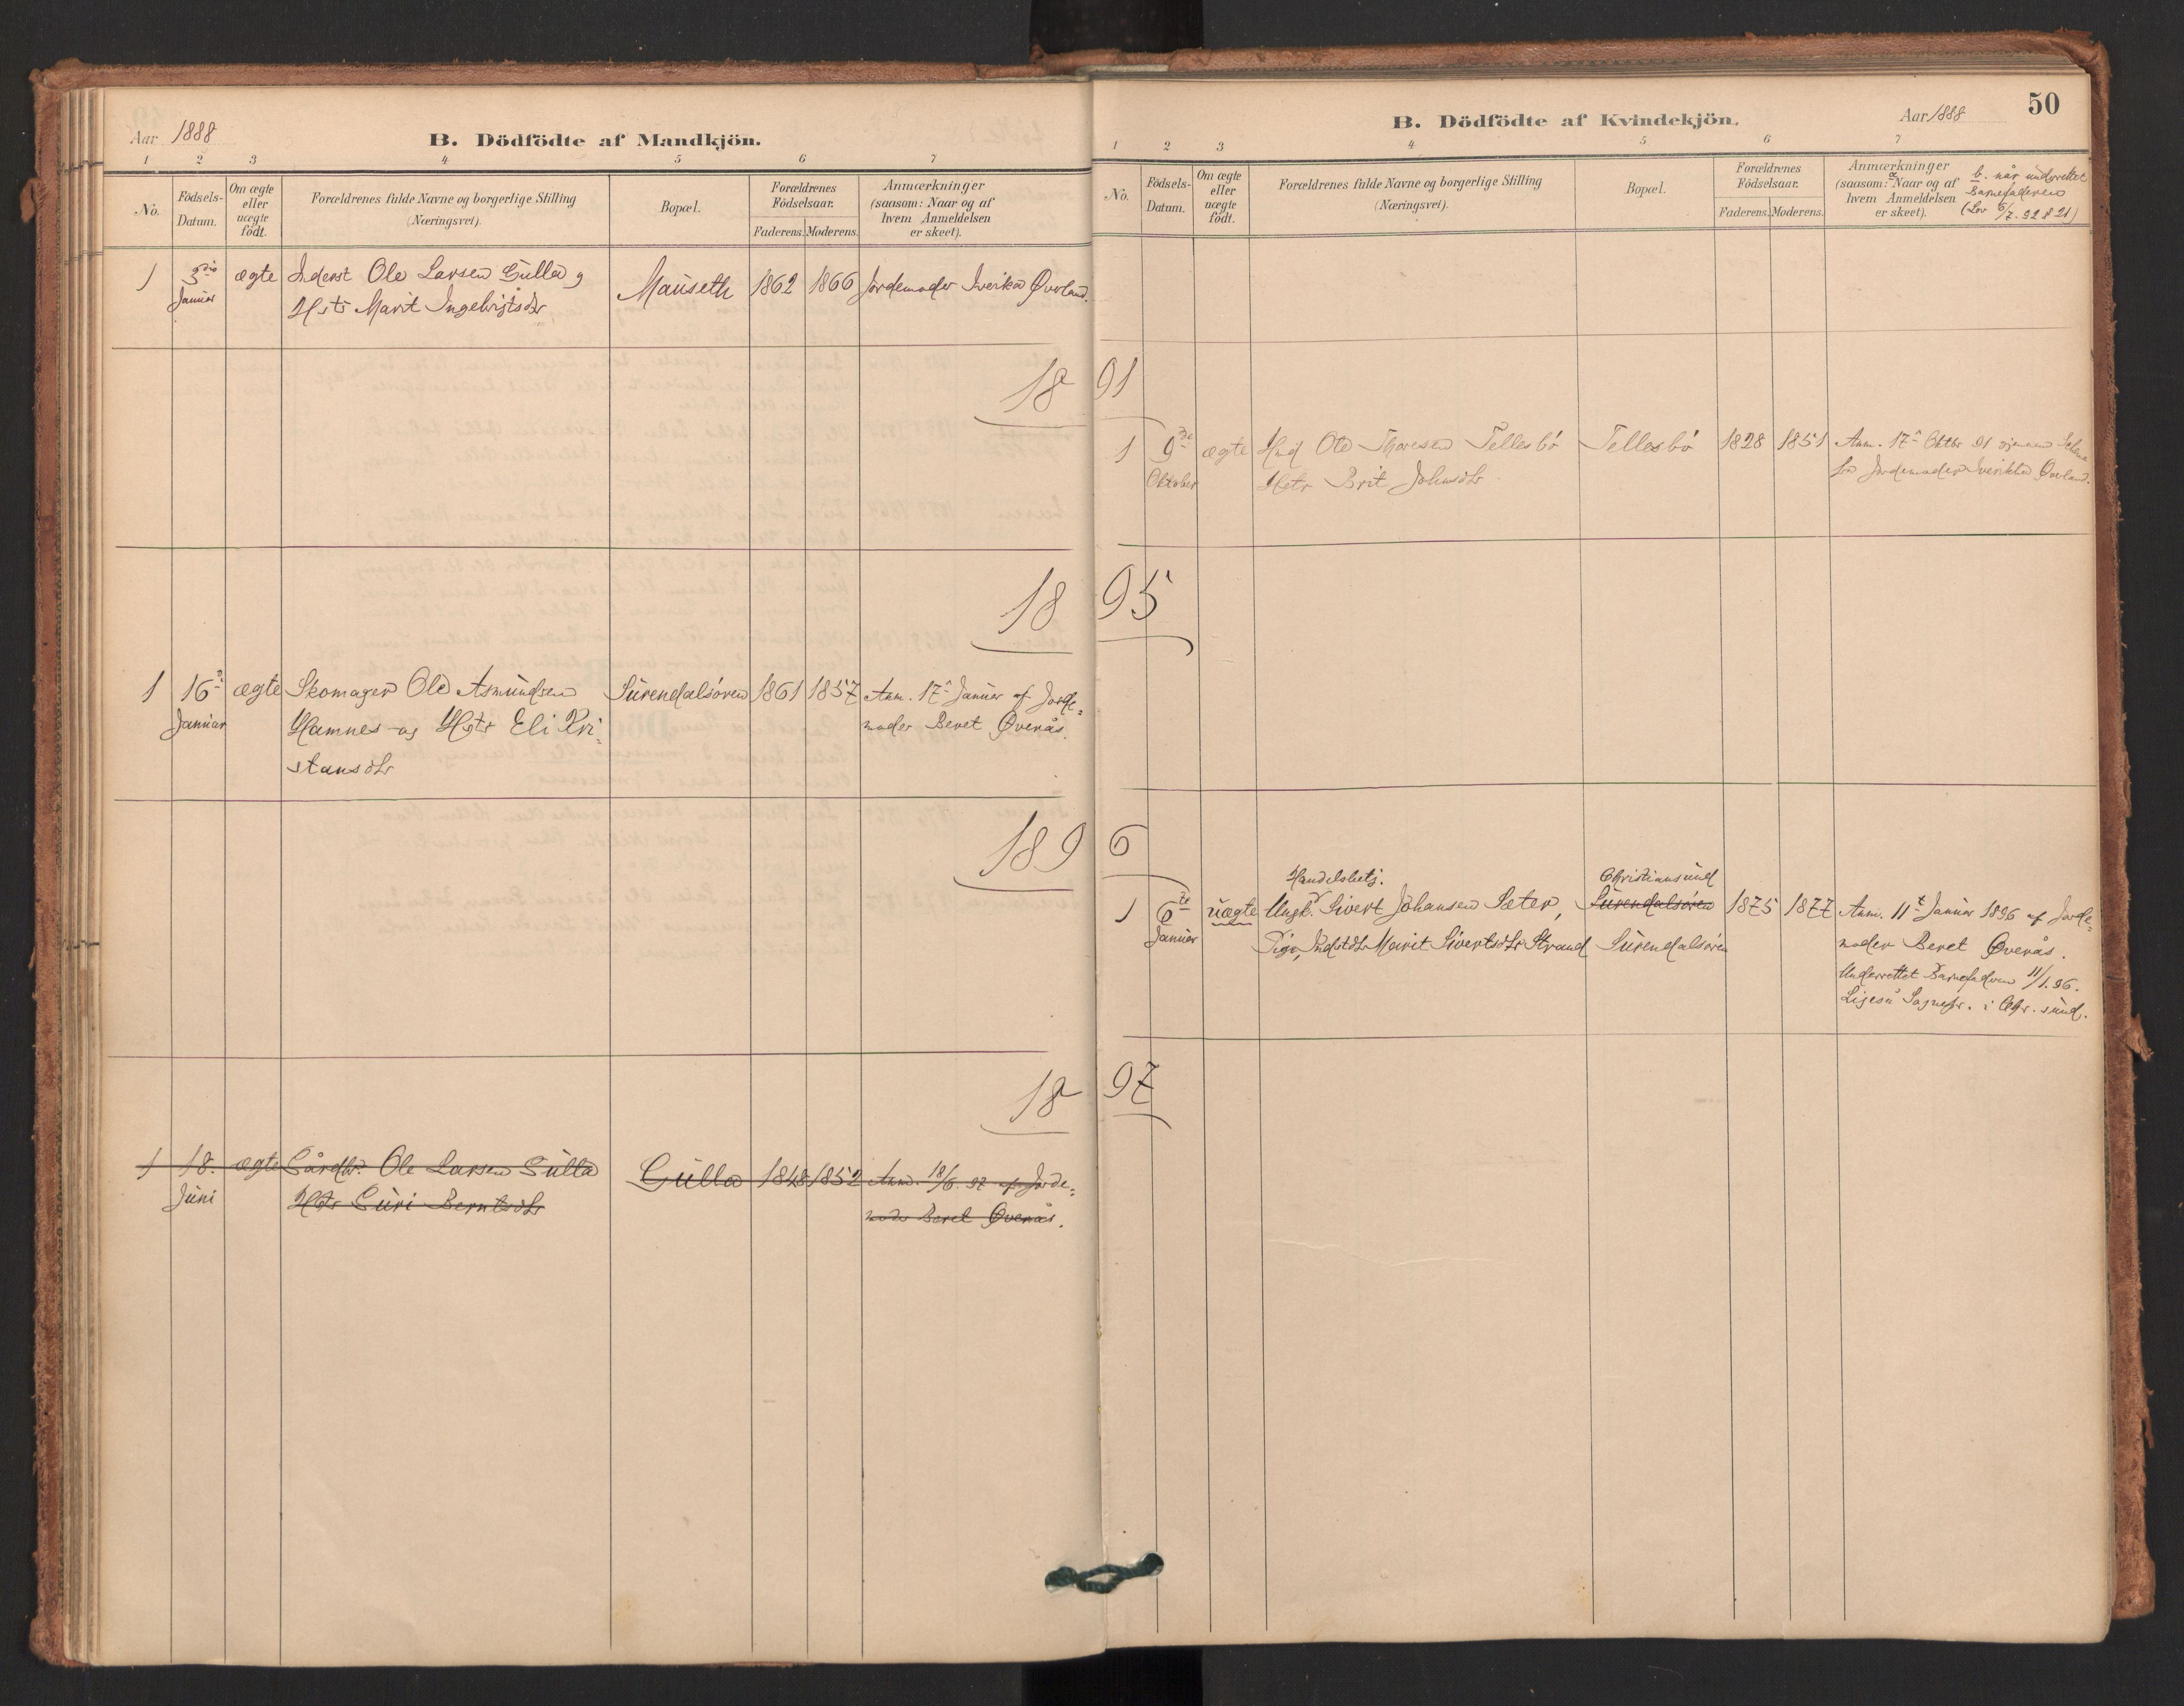 SAT, Ministerialprotokoller, klokkerbøker og fødselsregistre - Møre og Romsdal, 596/L1056: Ministerialbok nr. 596A01, 1885-1900, s. 50